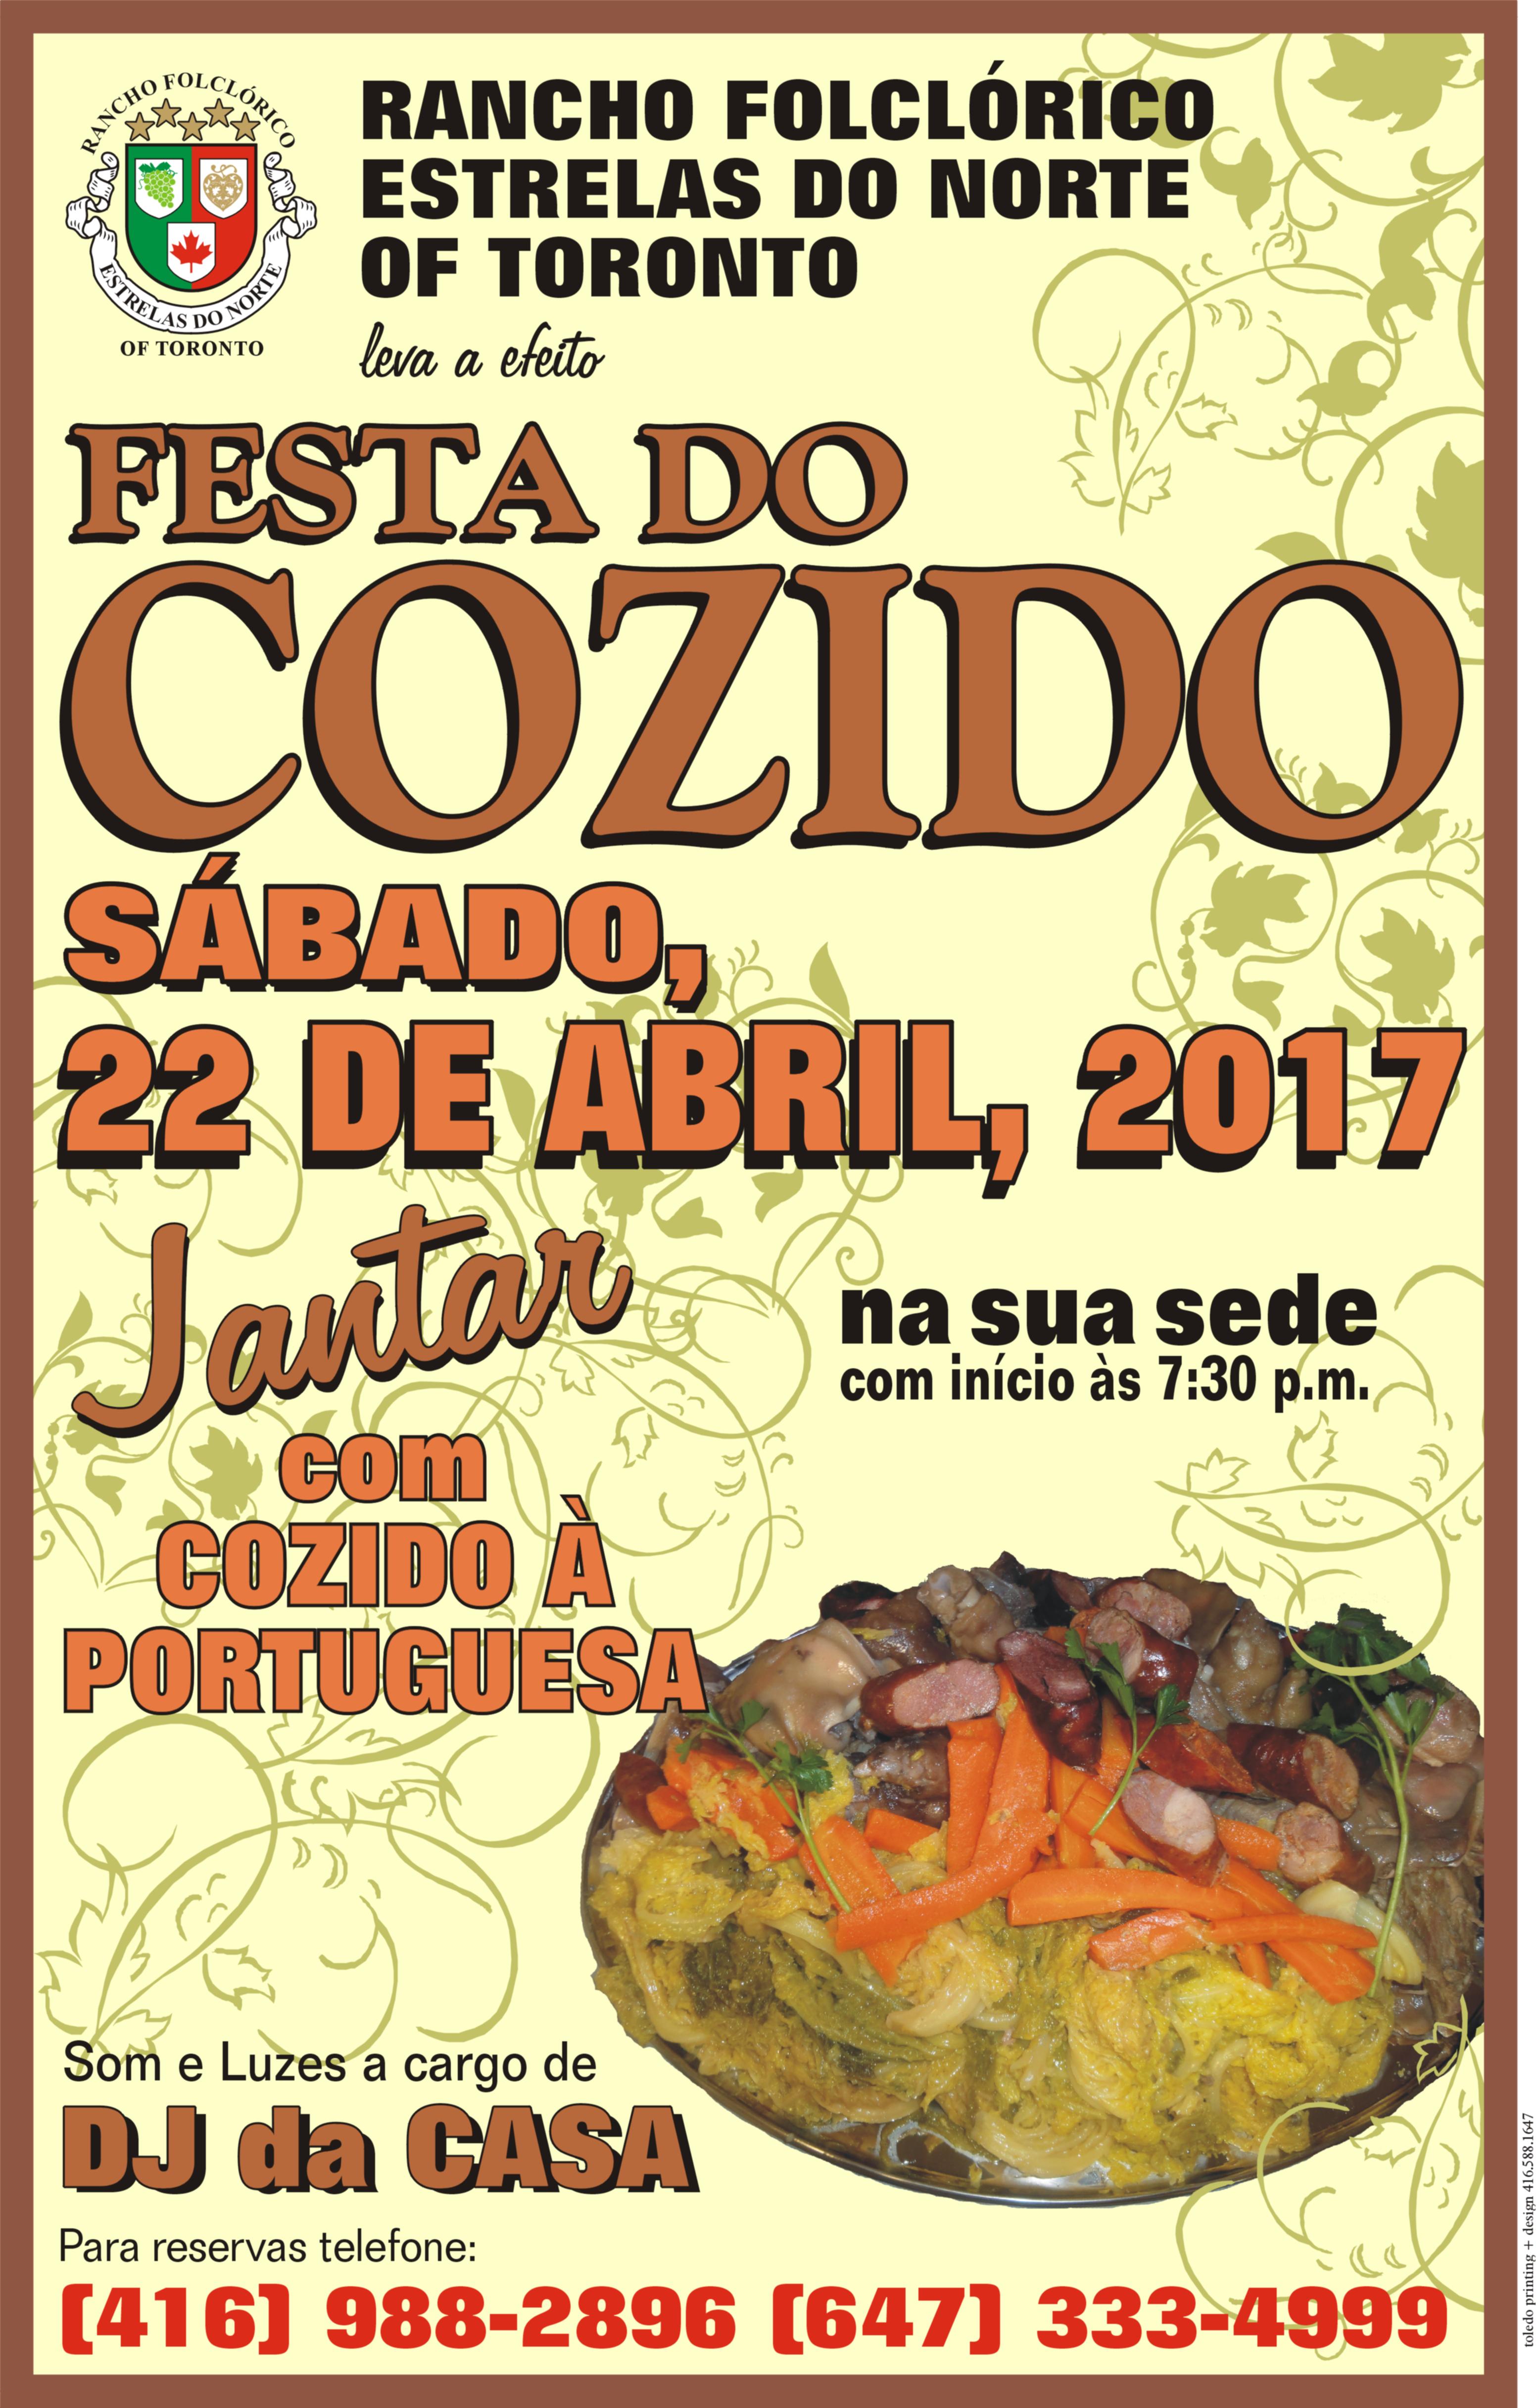 FESTA DO COZIDO 2017